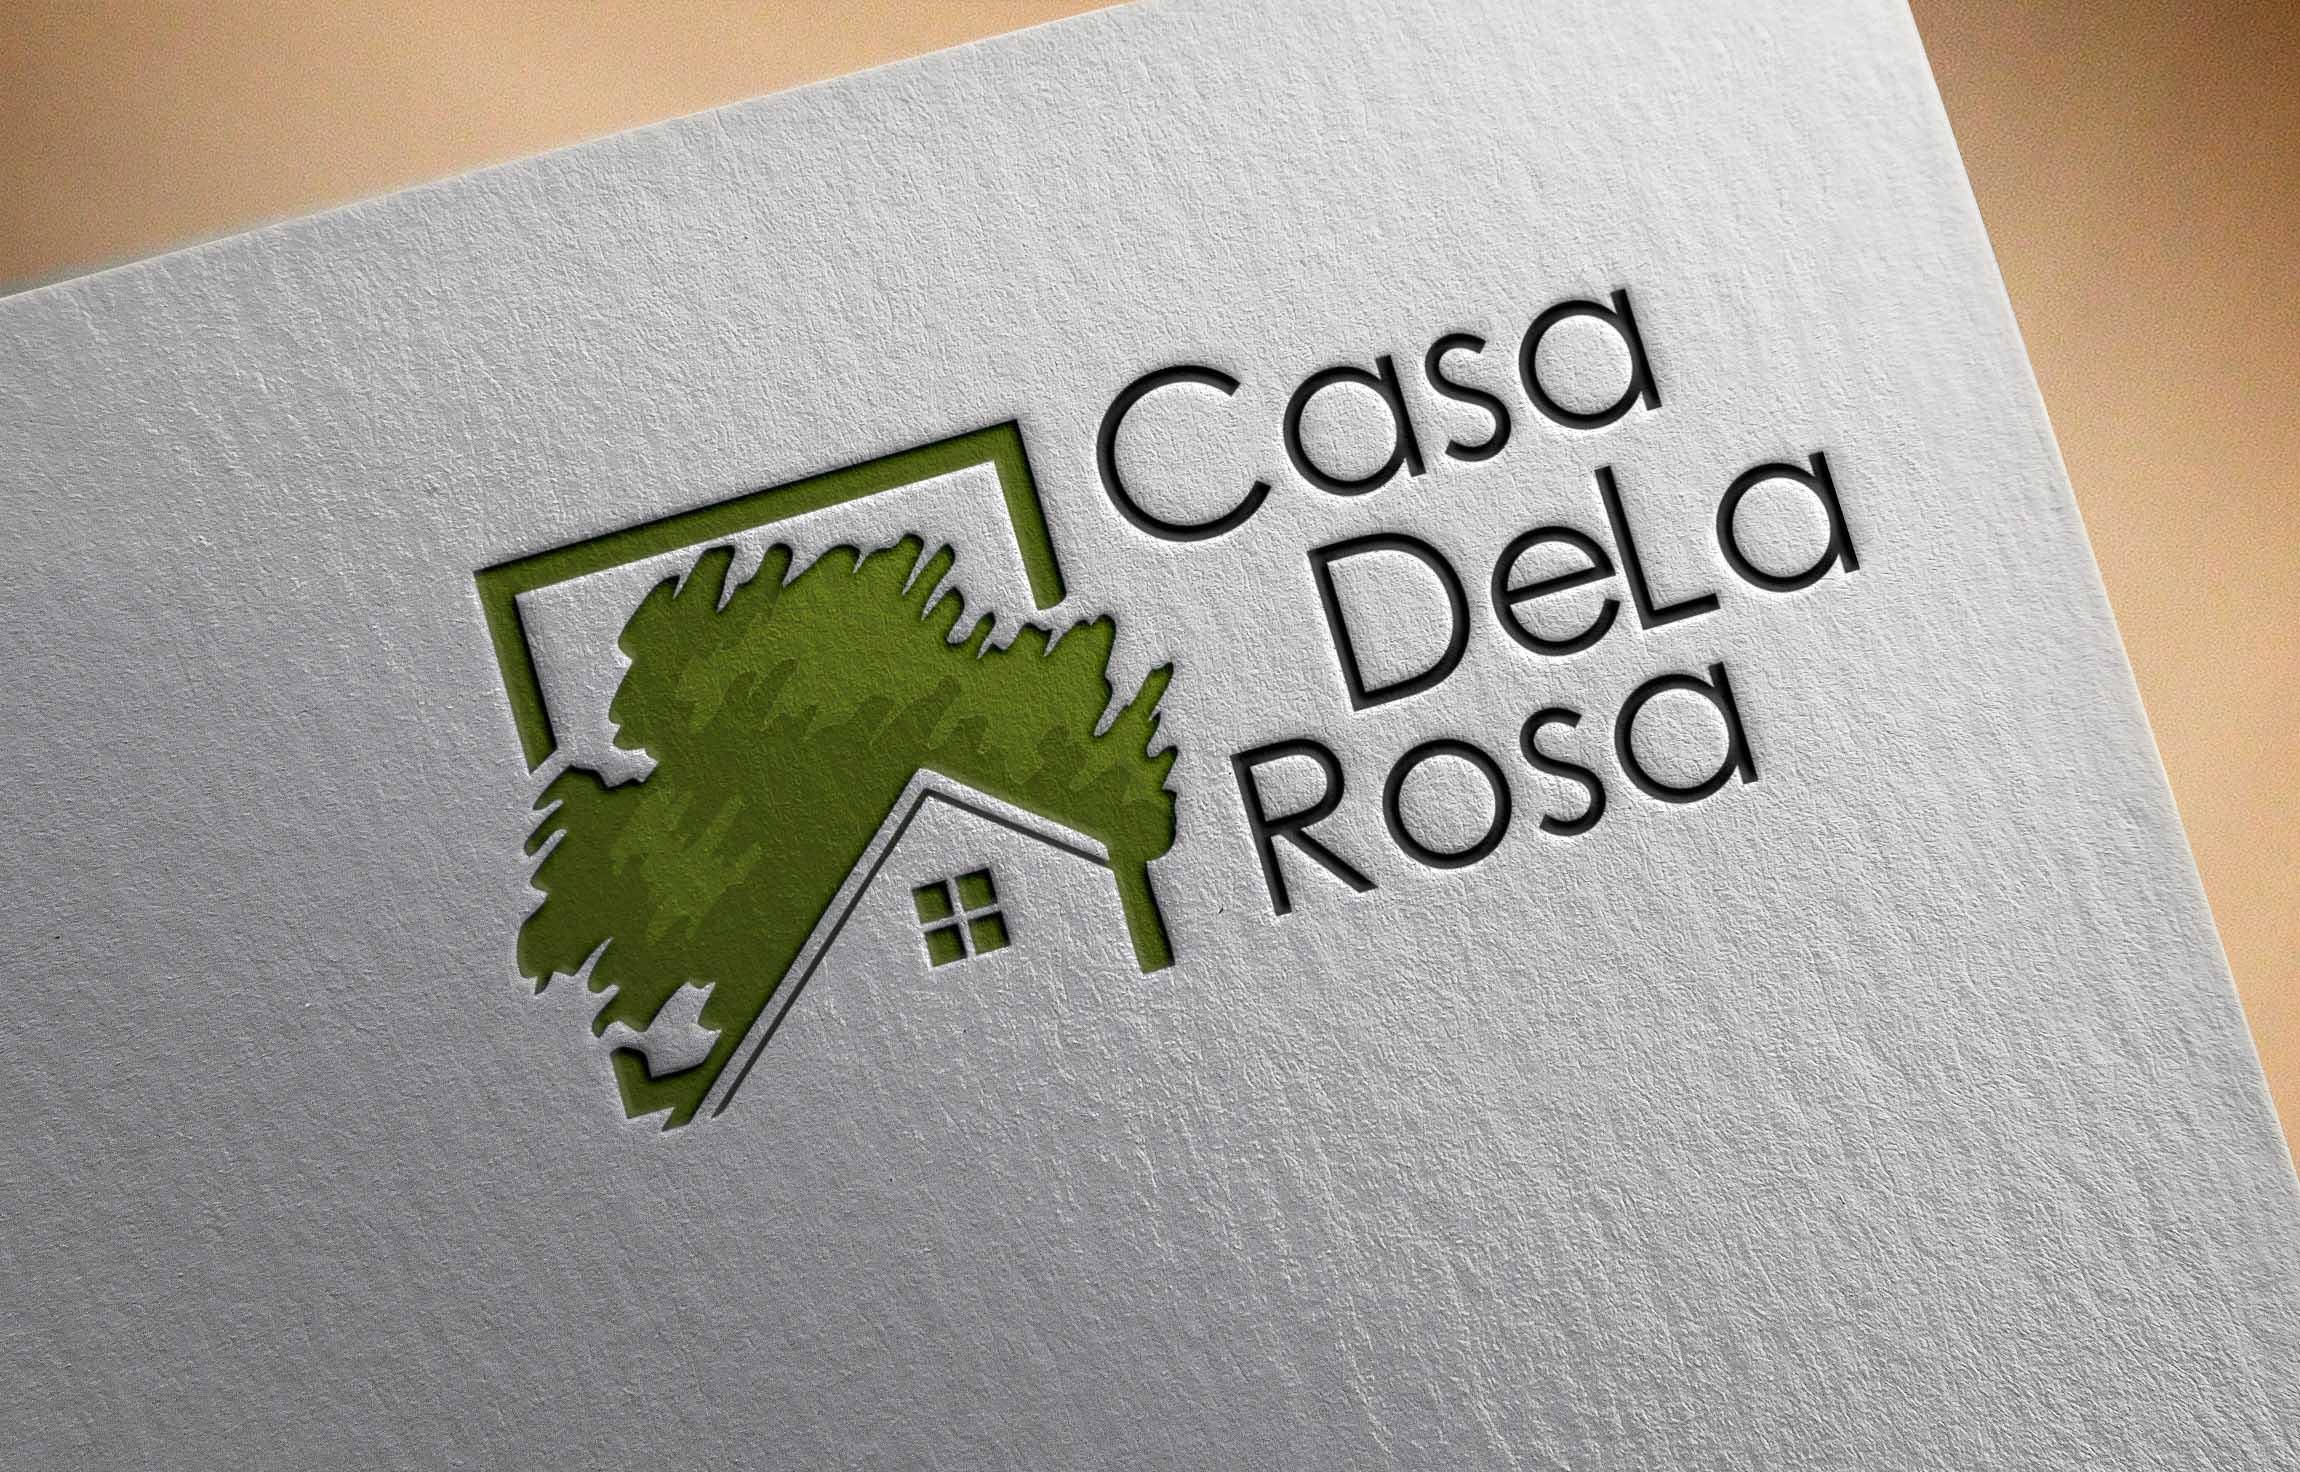 Логотип + Фирменный знак для элитного поселка Casa De La Rosa фото f_2455cd35205ac326.jpg